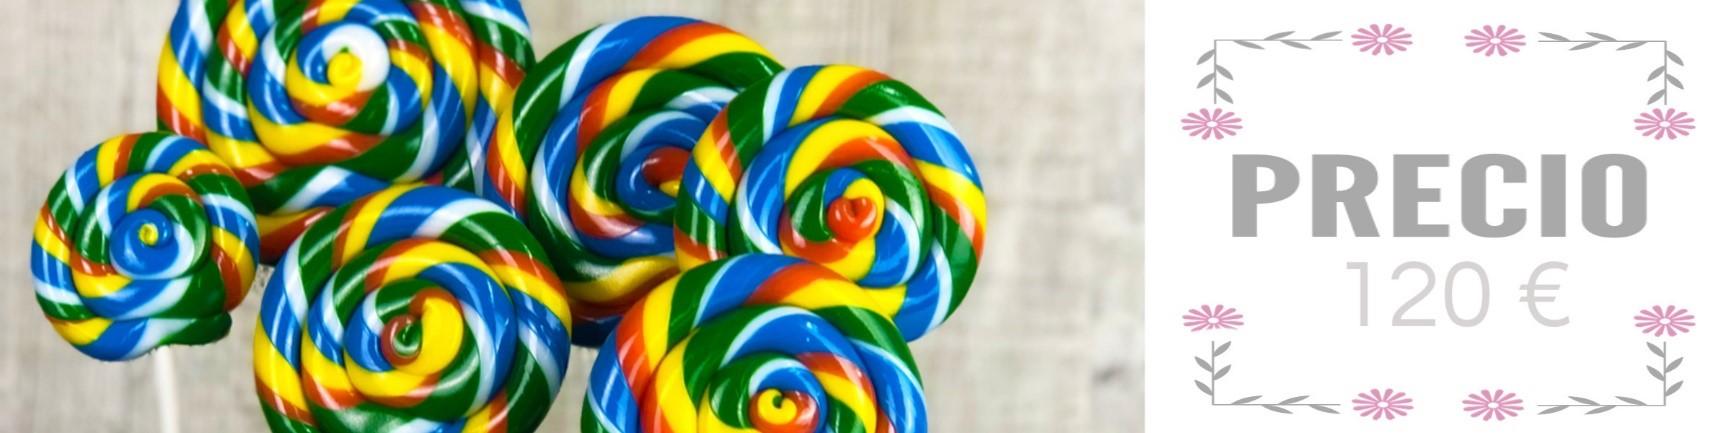 Precio del curso de piruletas de caramelo